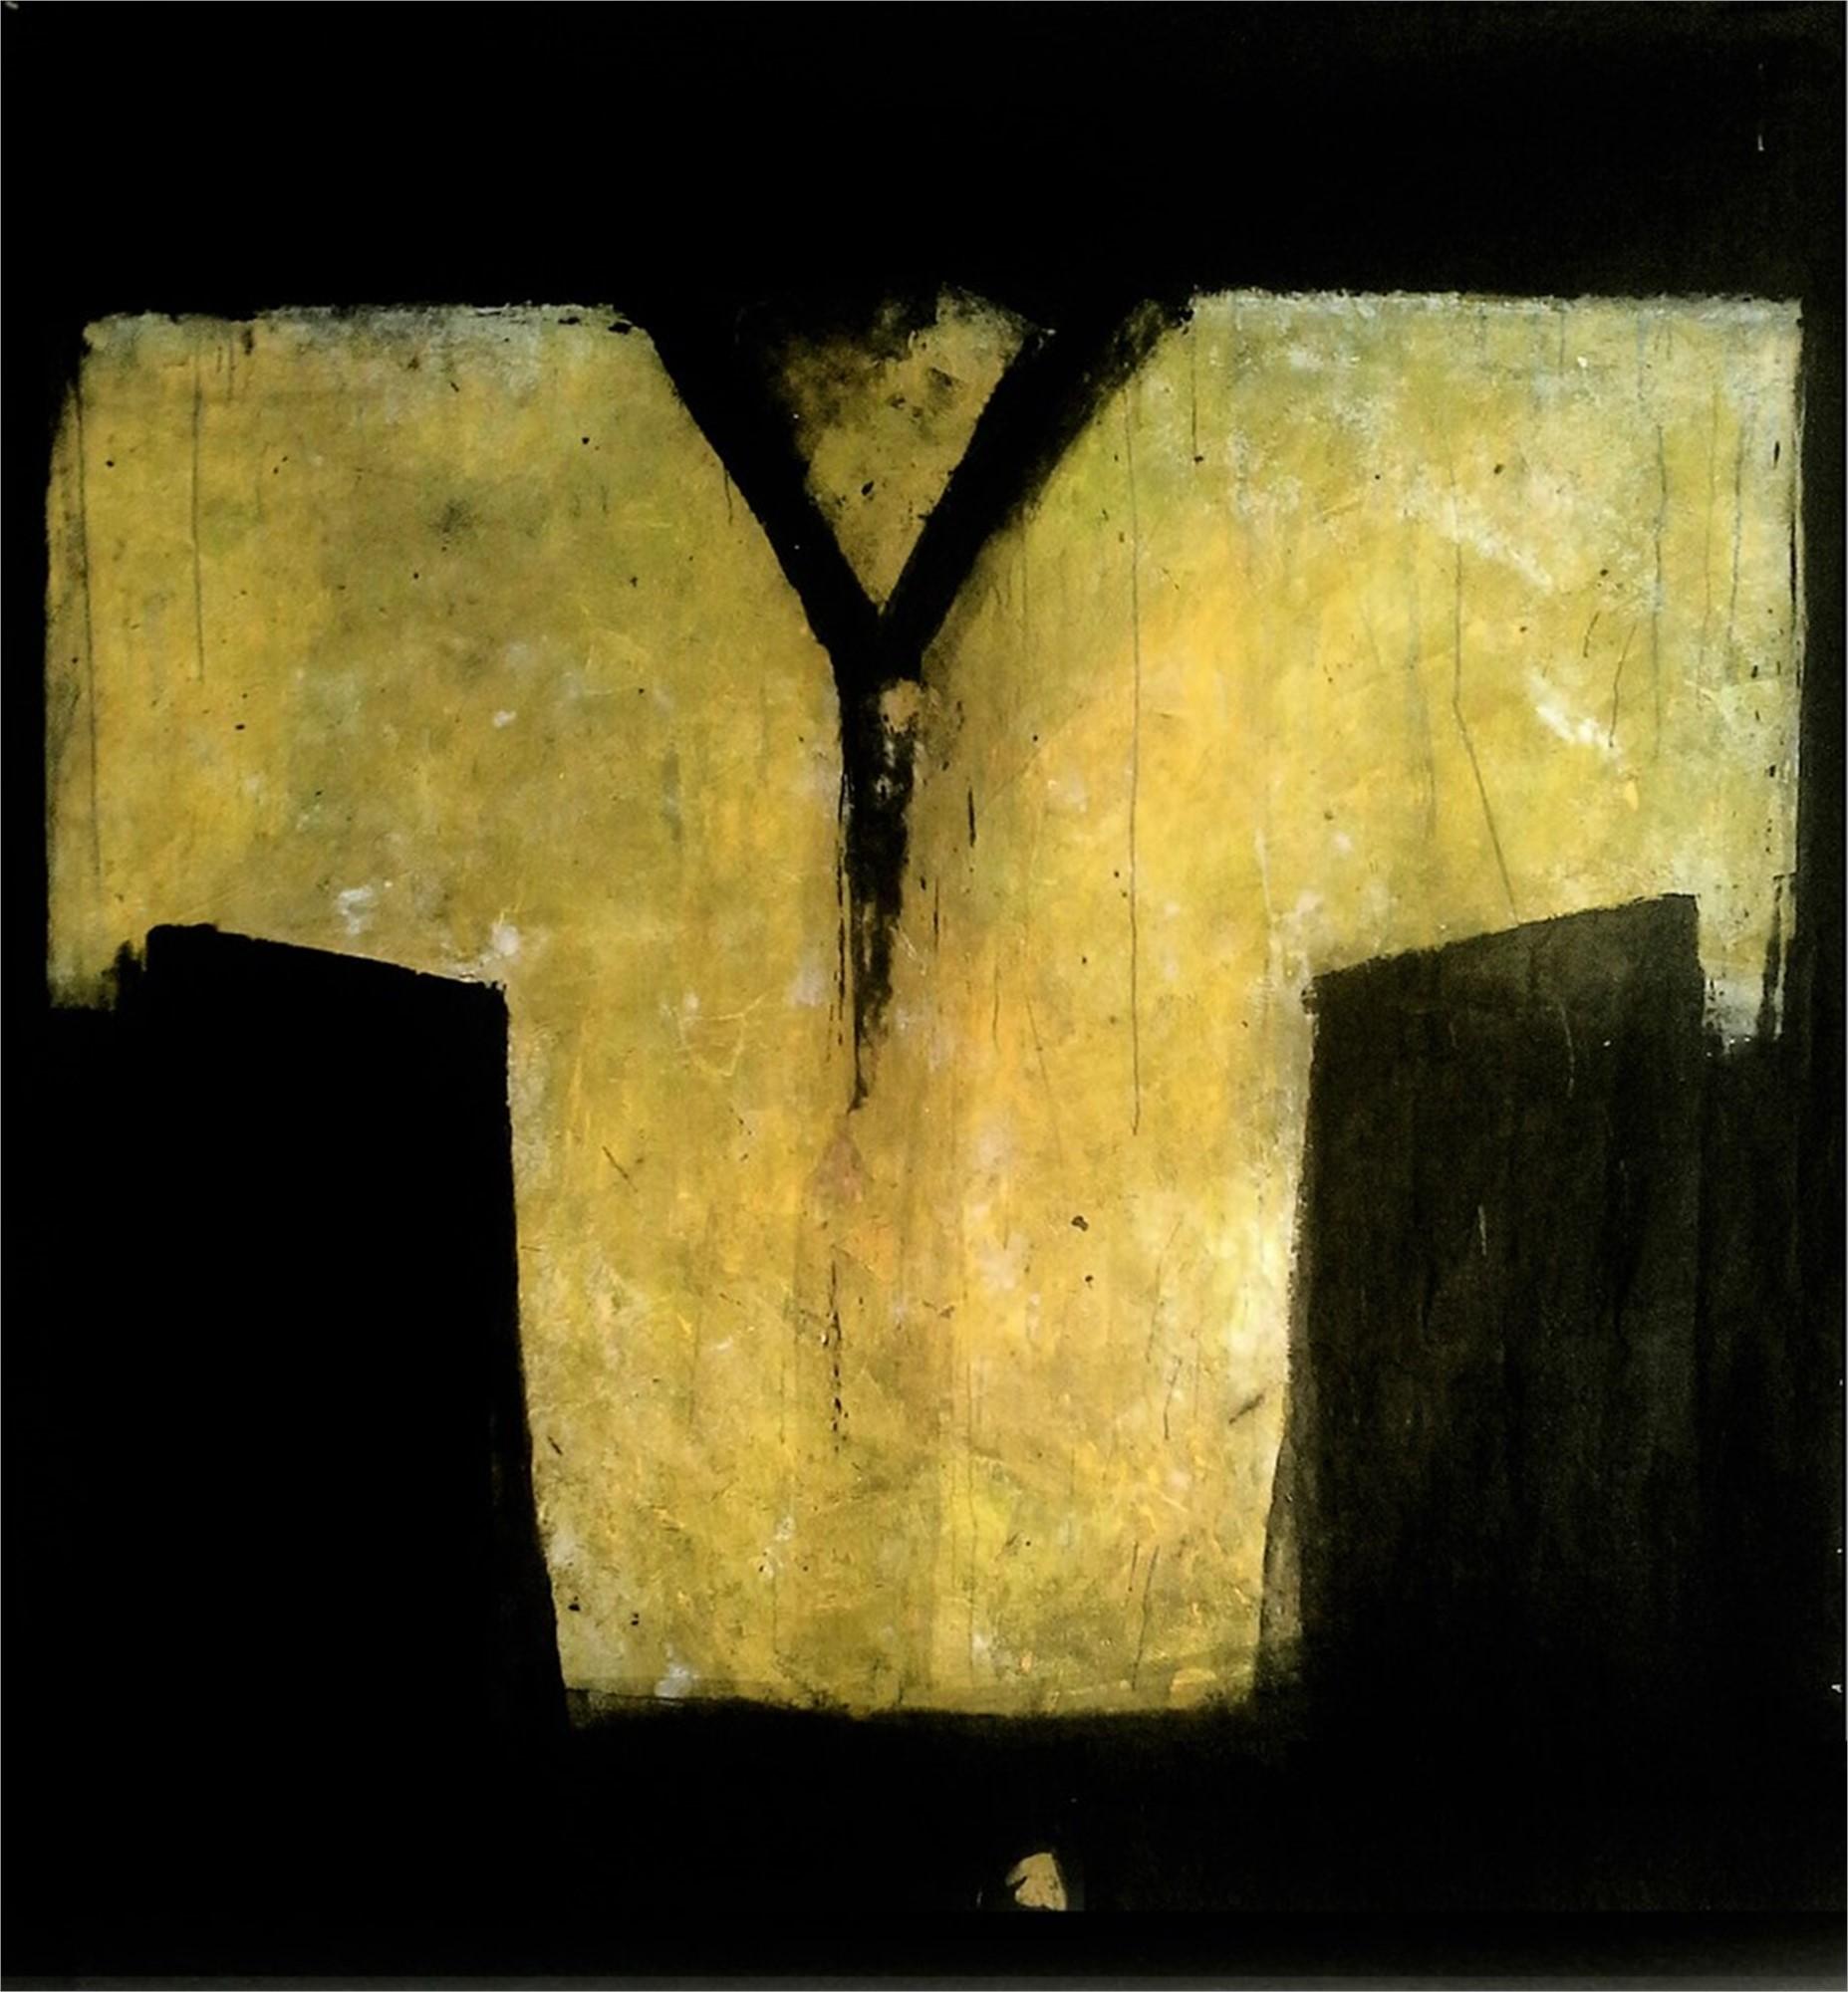 Yellow Kimono by Ewa Bathelier | ArtCloud